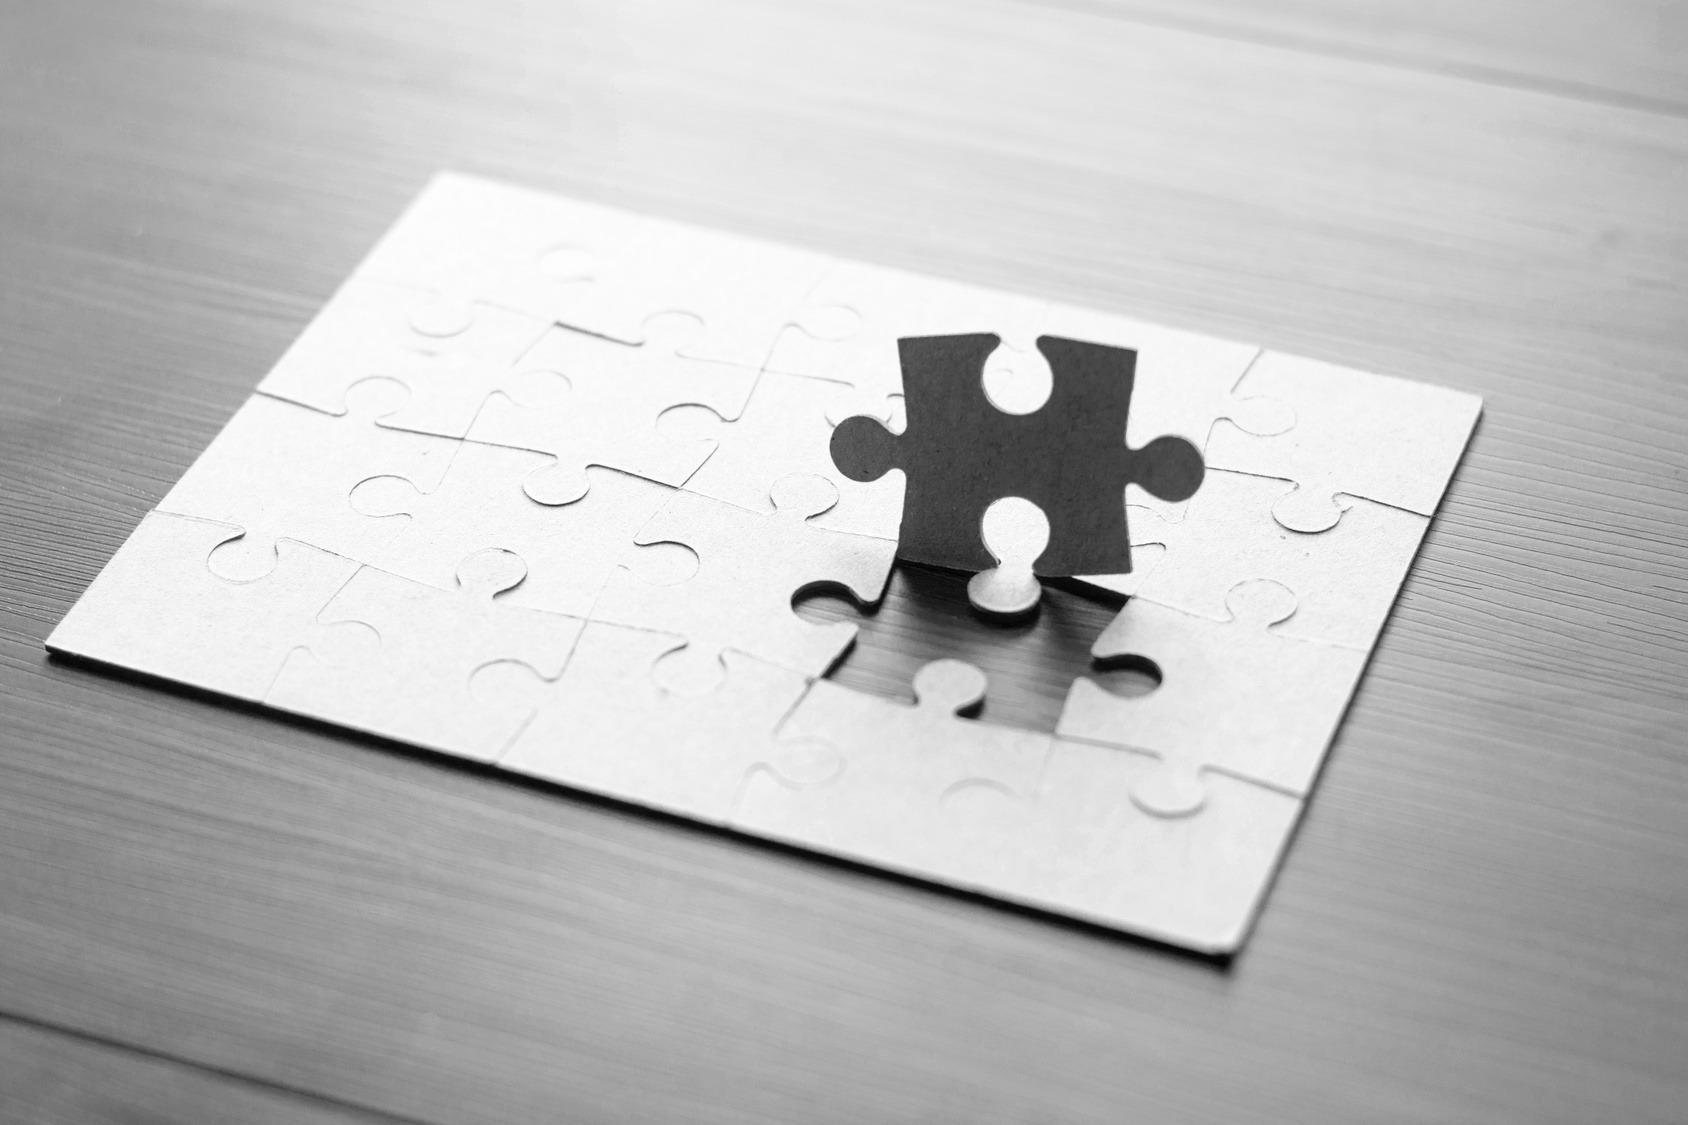 Nahaufnahme von einem Puzzle (5 mal 4 Reihen) auf einem dunklen Holztisch. Die Puzzleteile sind hellgrau und ein Puzzleteil steht aufrecht auf dem Puzzle.